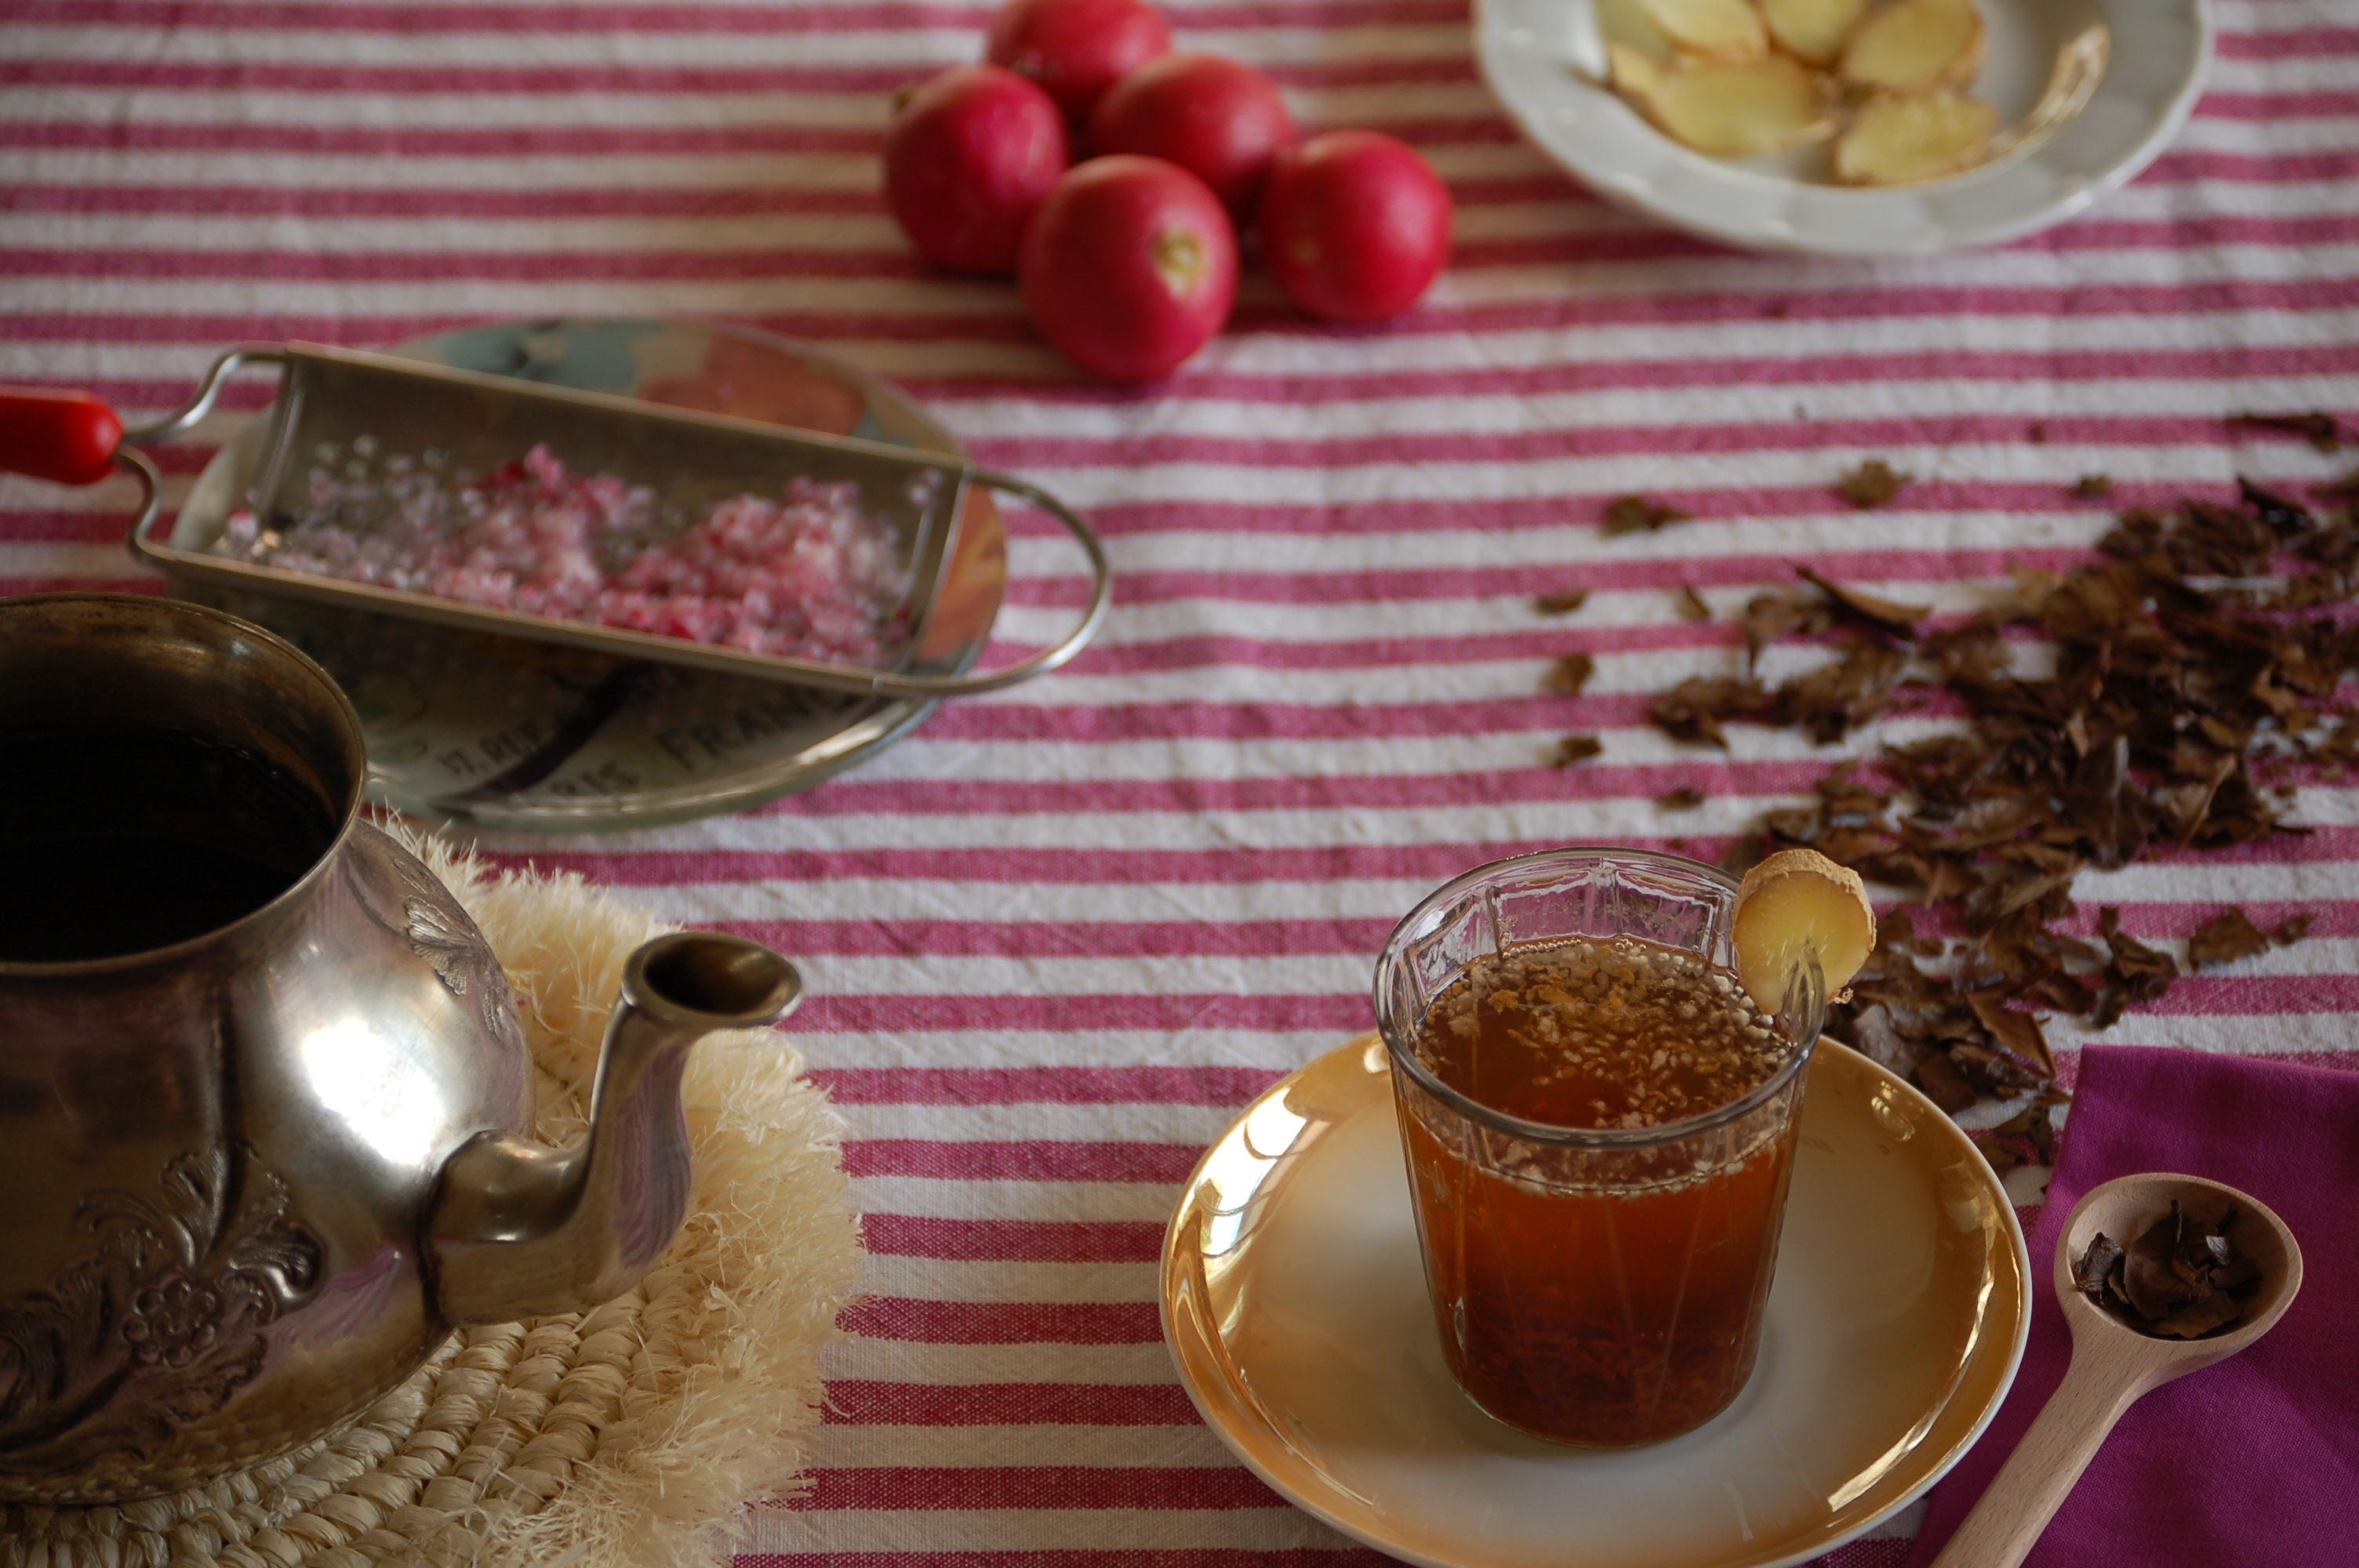 La mesa lista para el té